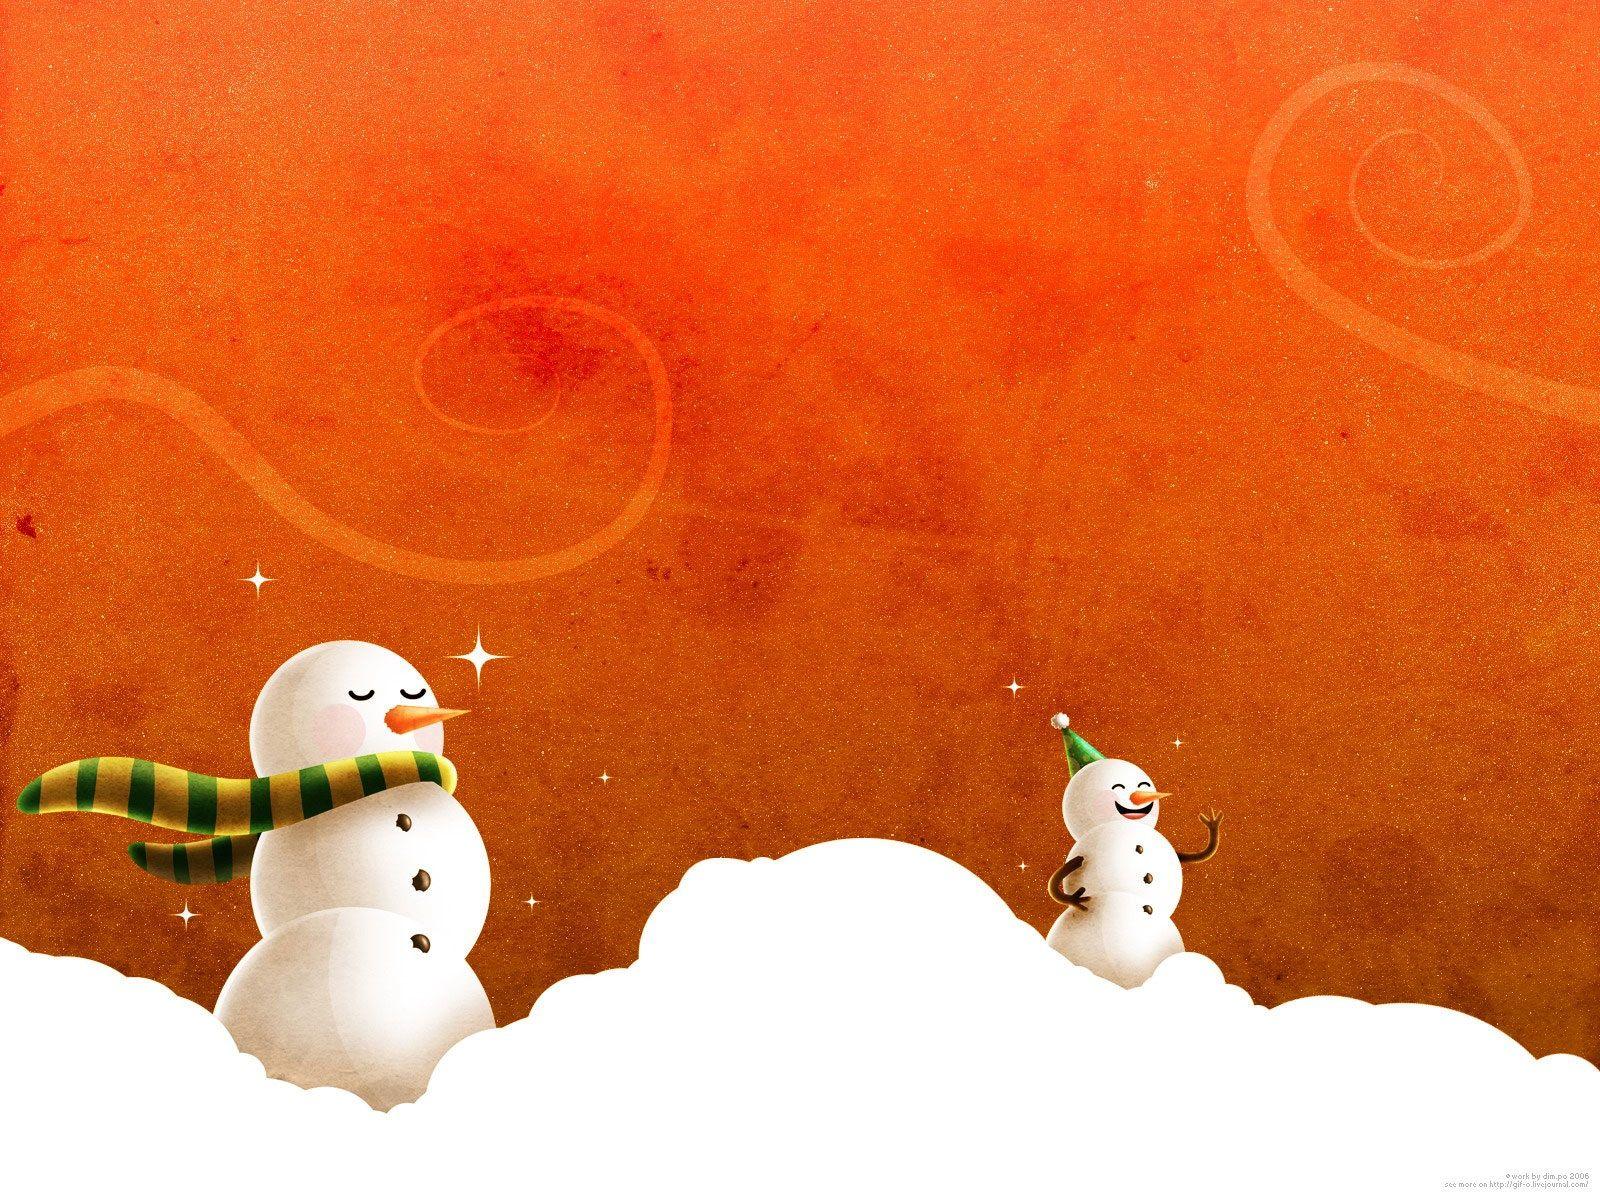 11 Winter Wonderland Snowman Desktop Wallpaper Basty Wallpaper